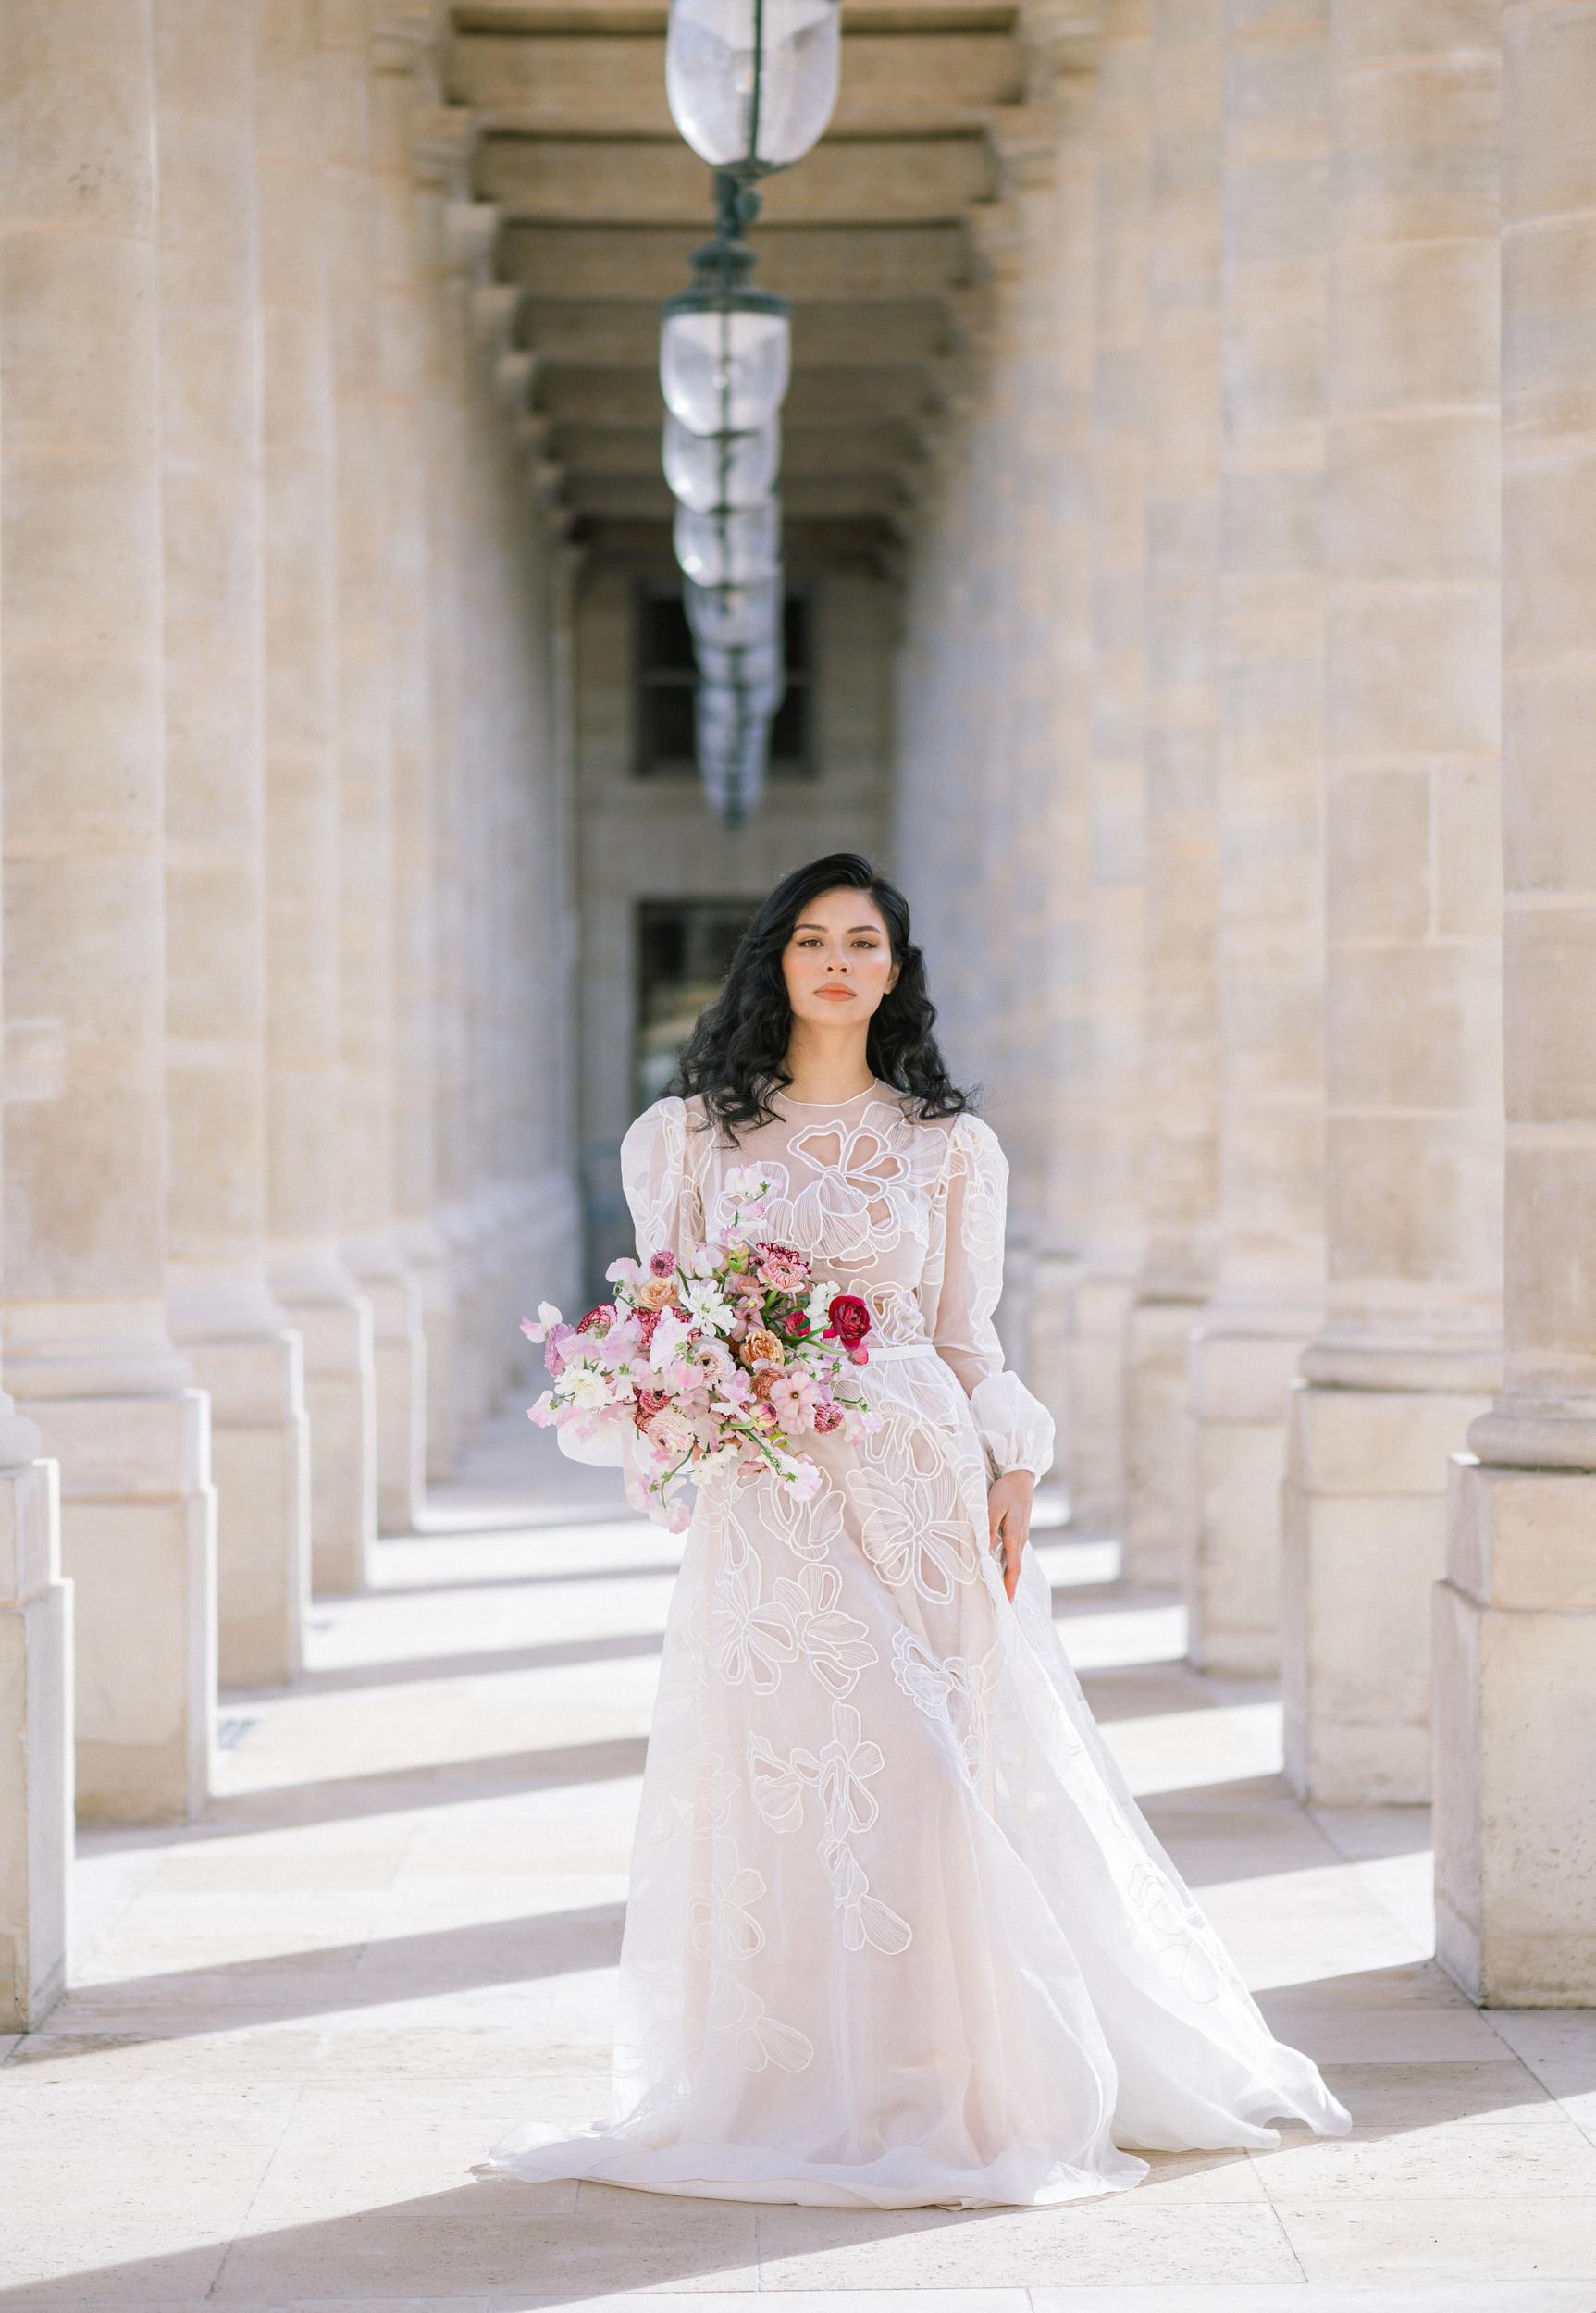 Anais-7891Photographe mariage paris louvre colonne de buren lina raziq